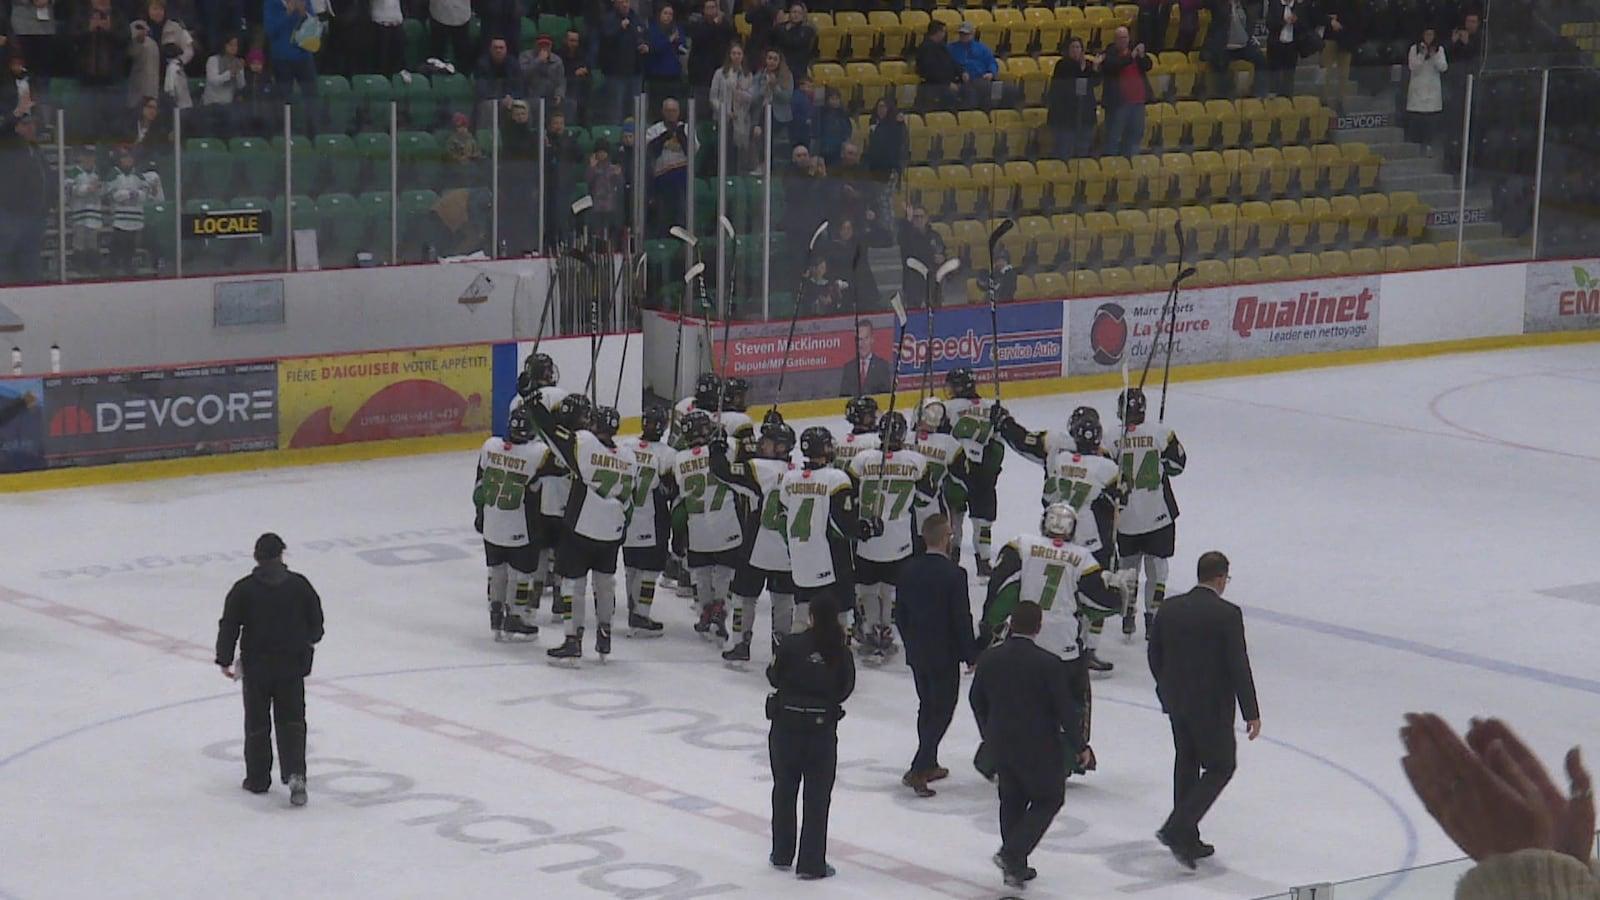 Des joueurs de hockey saluent la foule avec leur bâton.